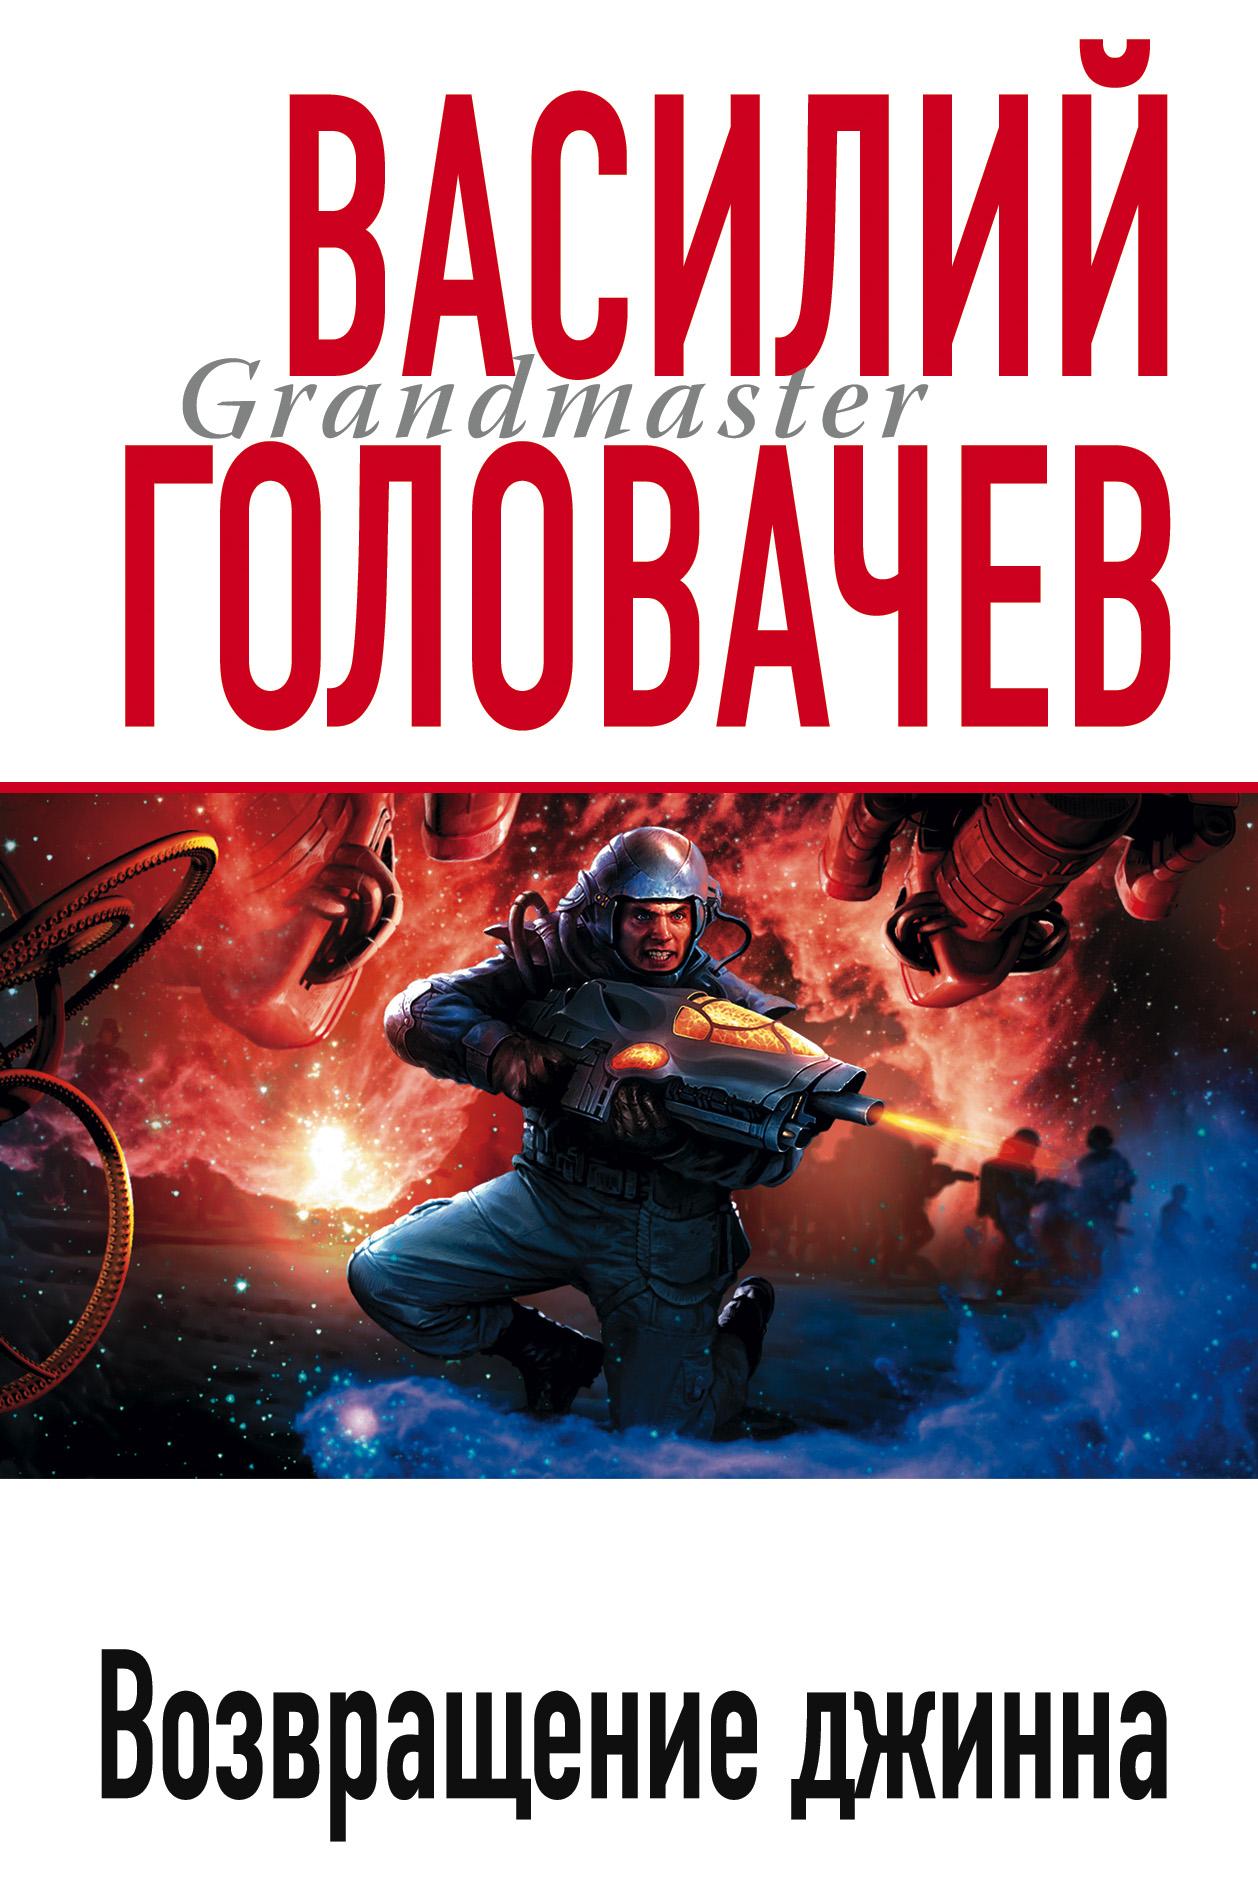 Василий Головачев Возвращение джинна фигурка есть такая профессия на работе сидеть эврика